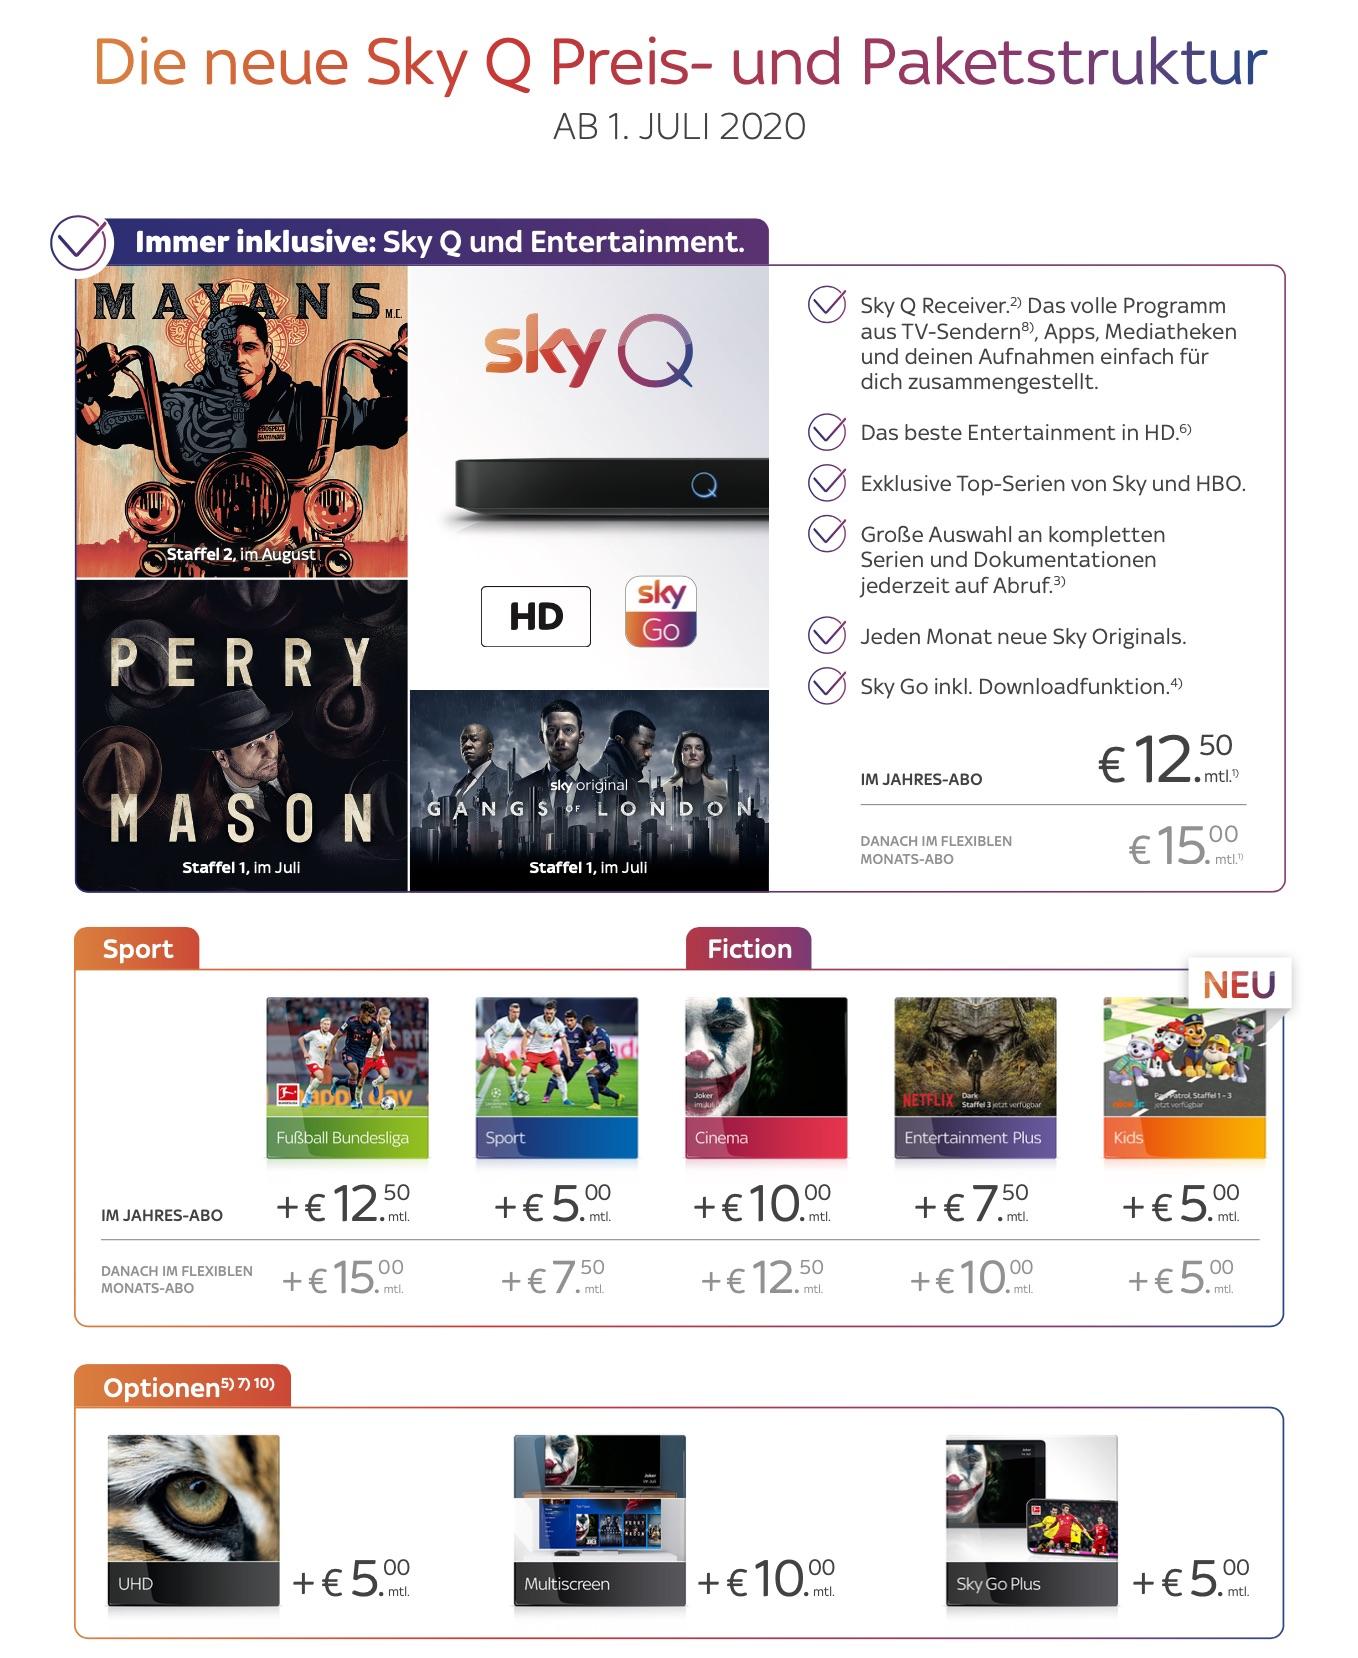 Pay-TV: Das ist die neue Preis- und Angebotsstruktur von Sky